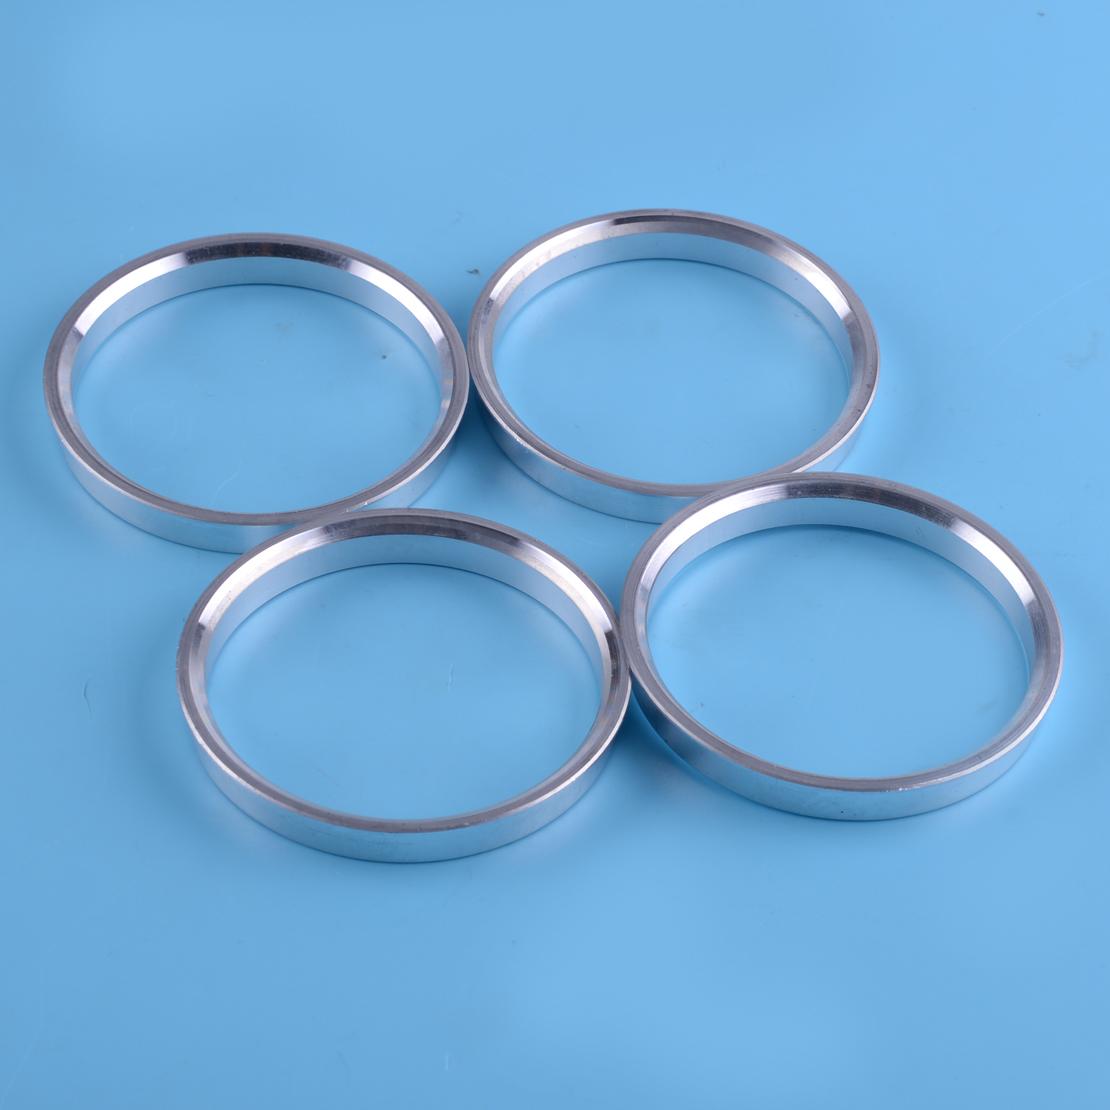 OD Ring collar